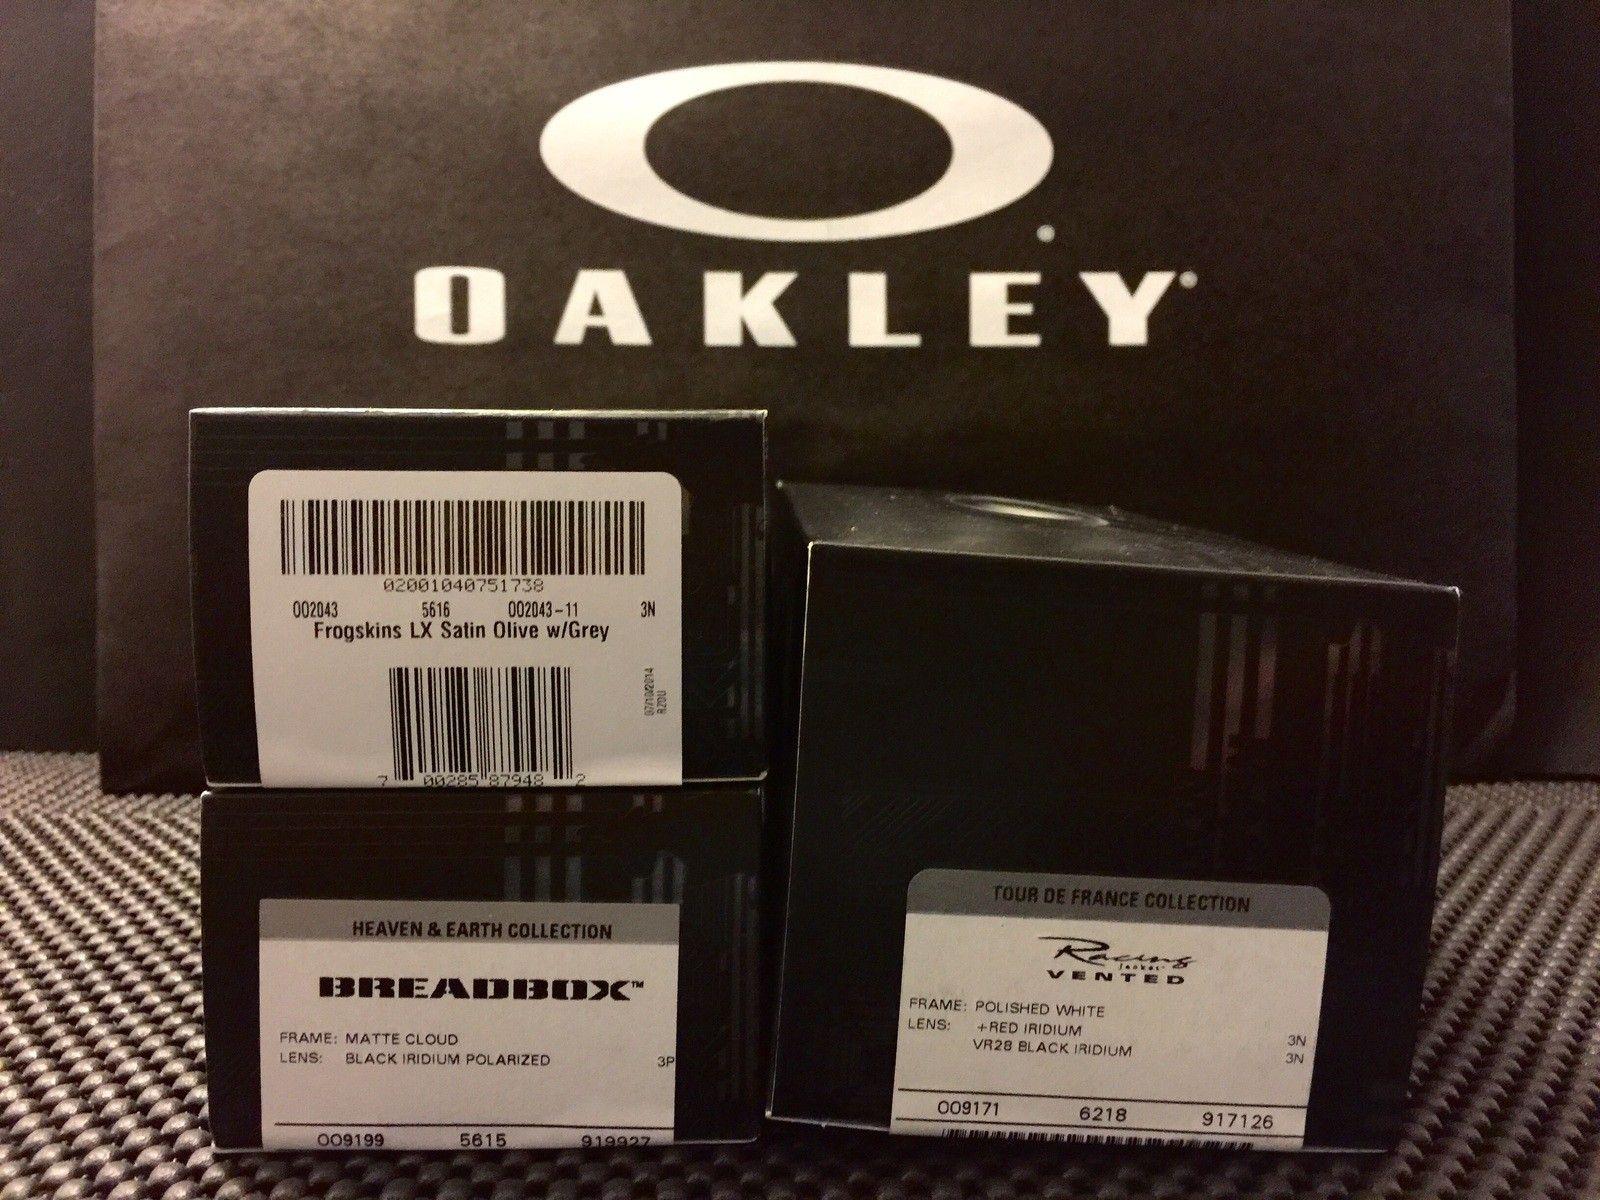 Farewell OakleyVault.com! Thanks for my last order! - image.jpg